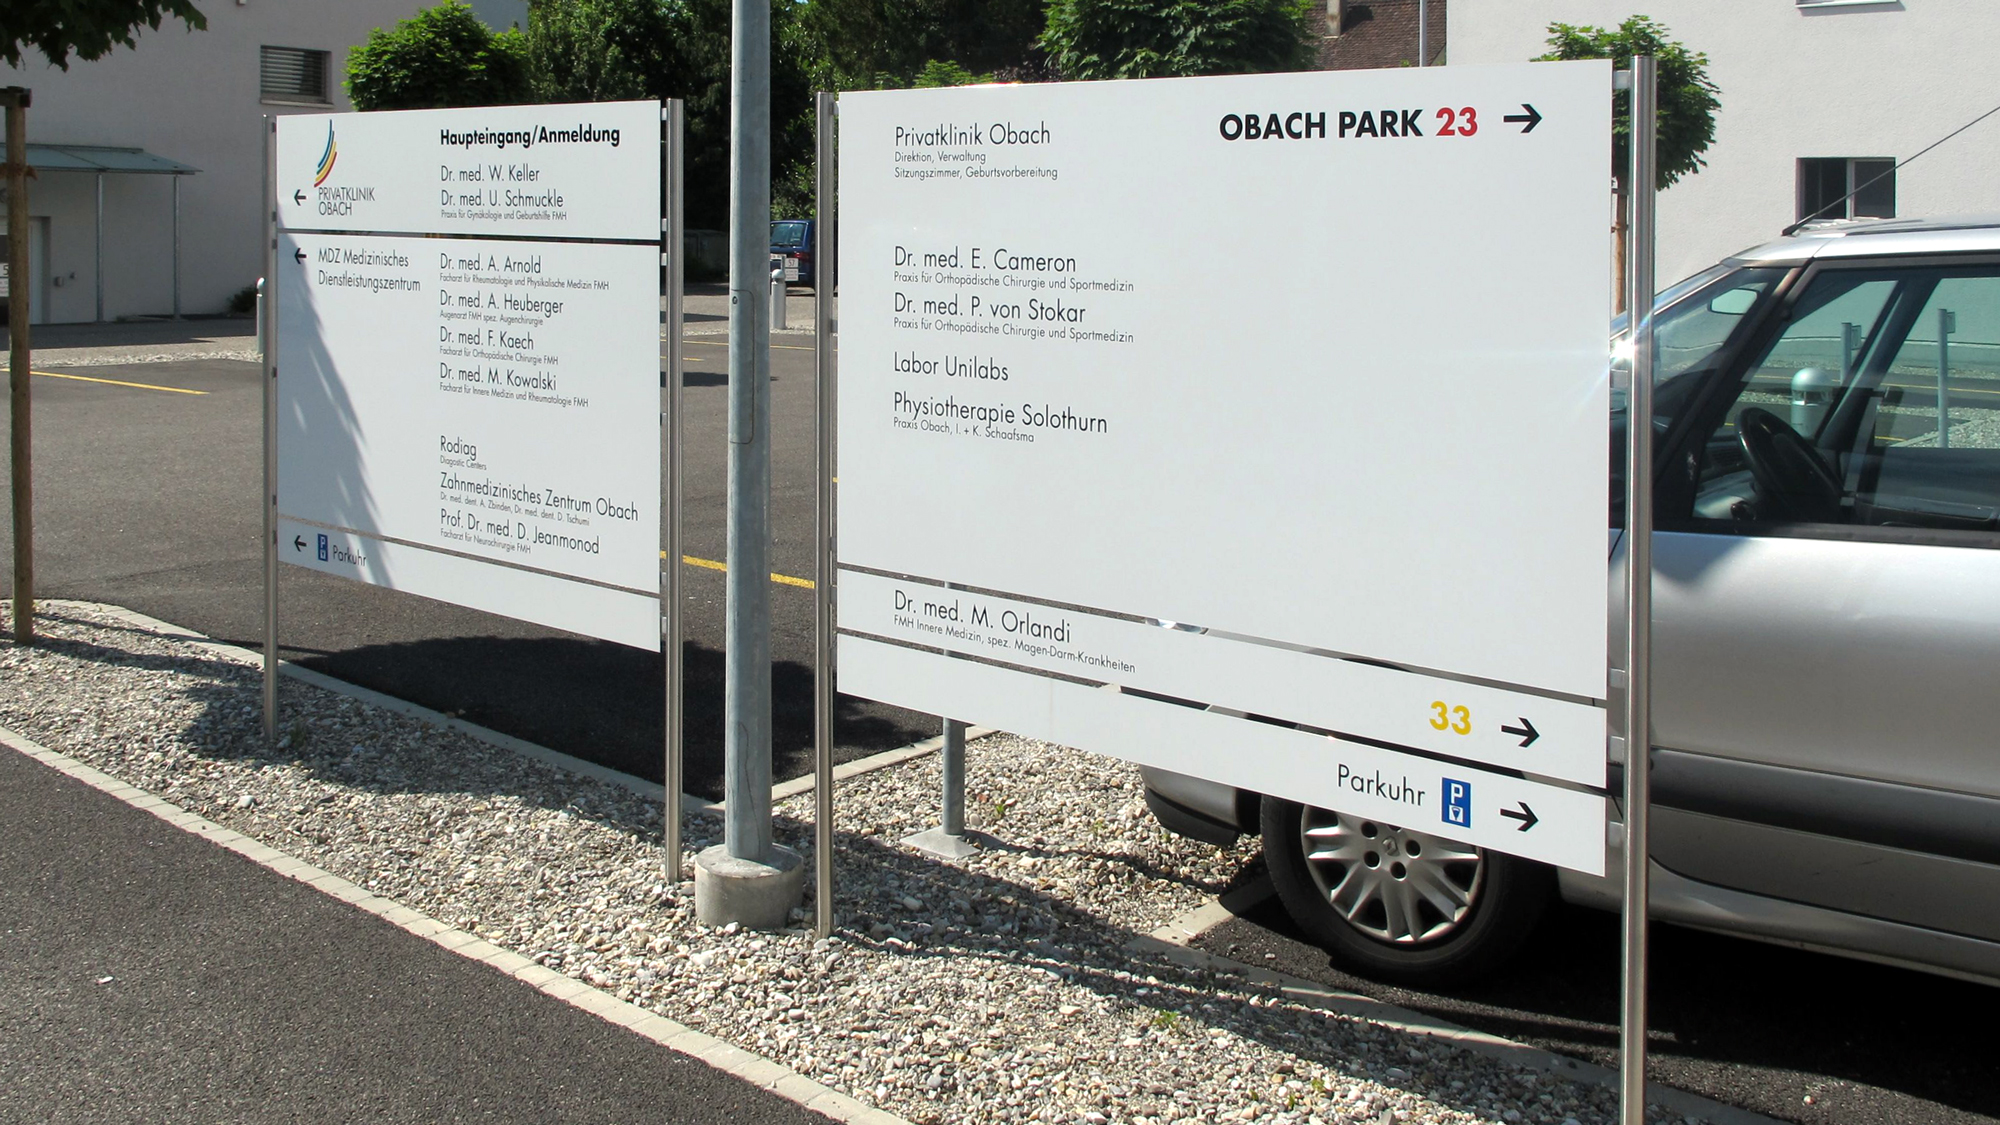 Obachpark-Schilder.jpg